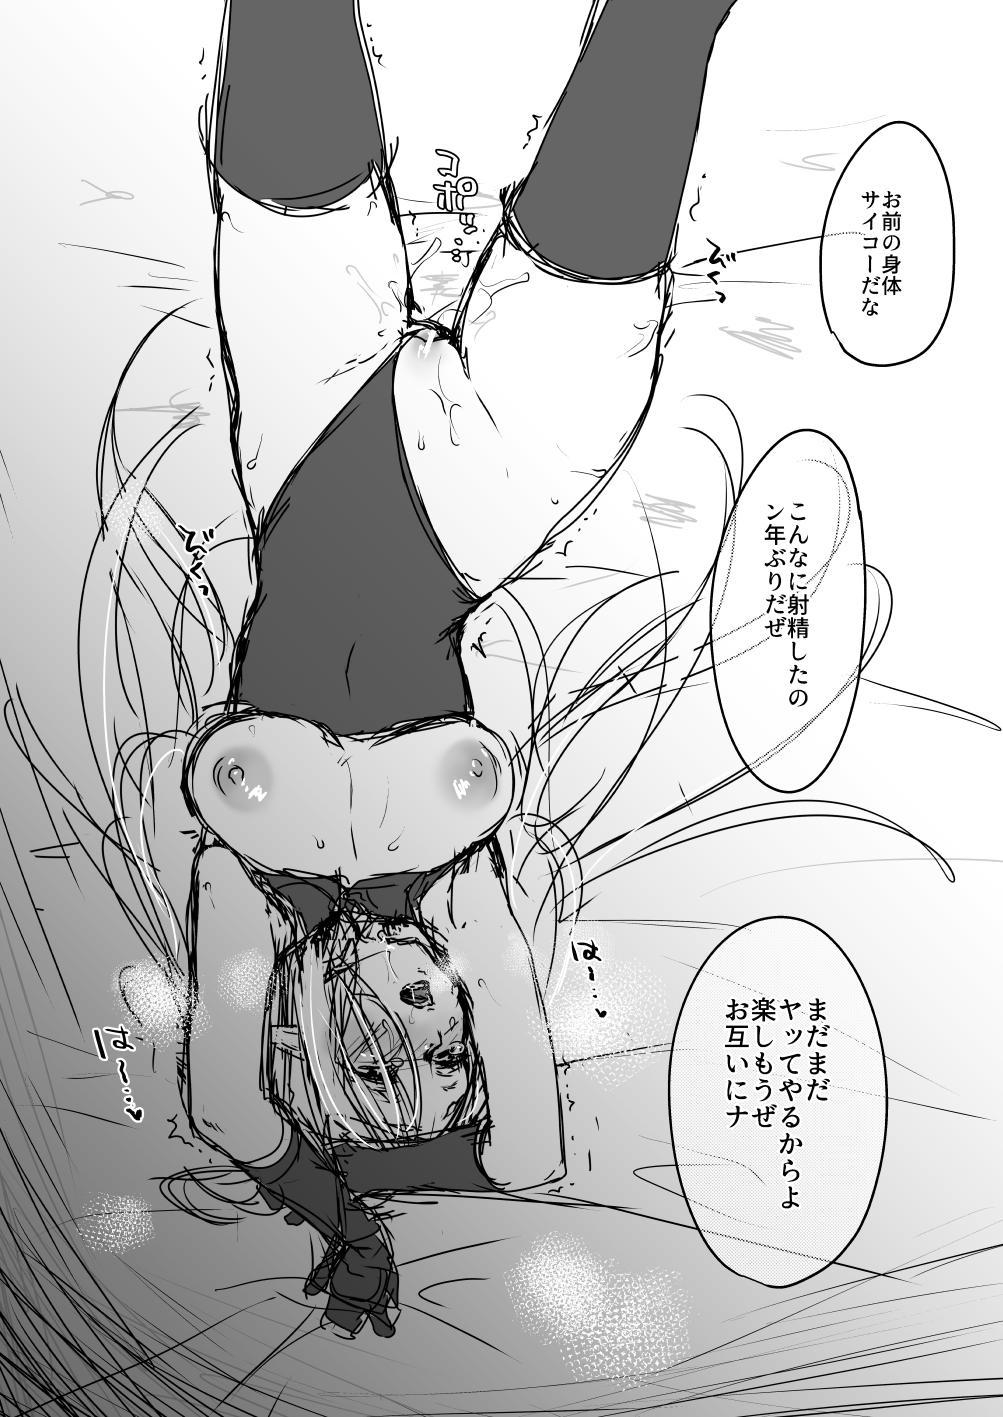 ウォーロックラフ描き漫画 9